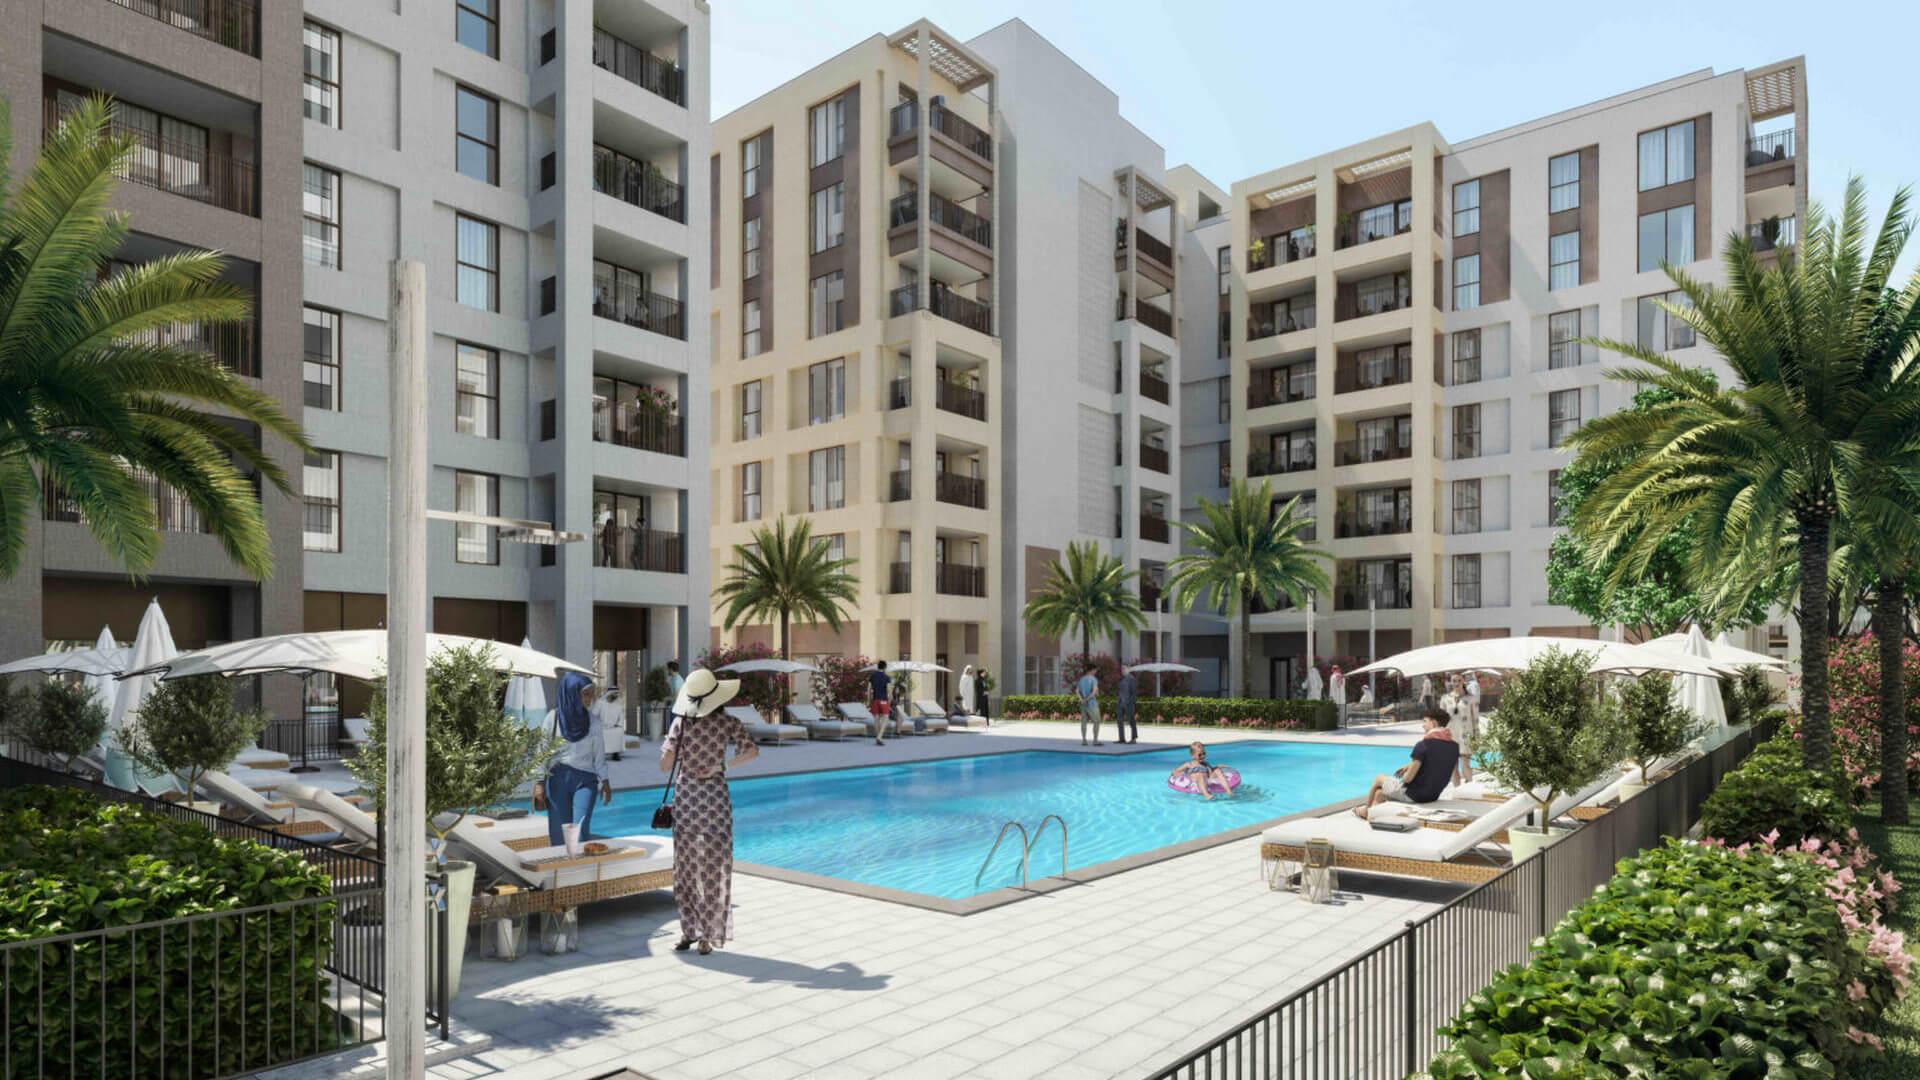 Apartamento en venta en Dubai, EAU, 3 dormitorios, 142 m2, № 24592 – foto 3